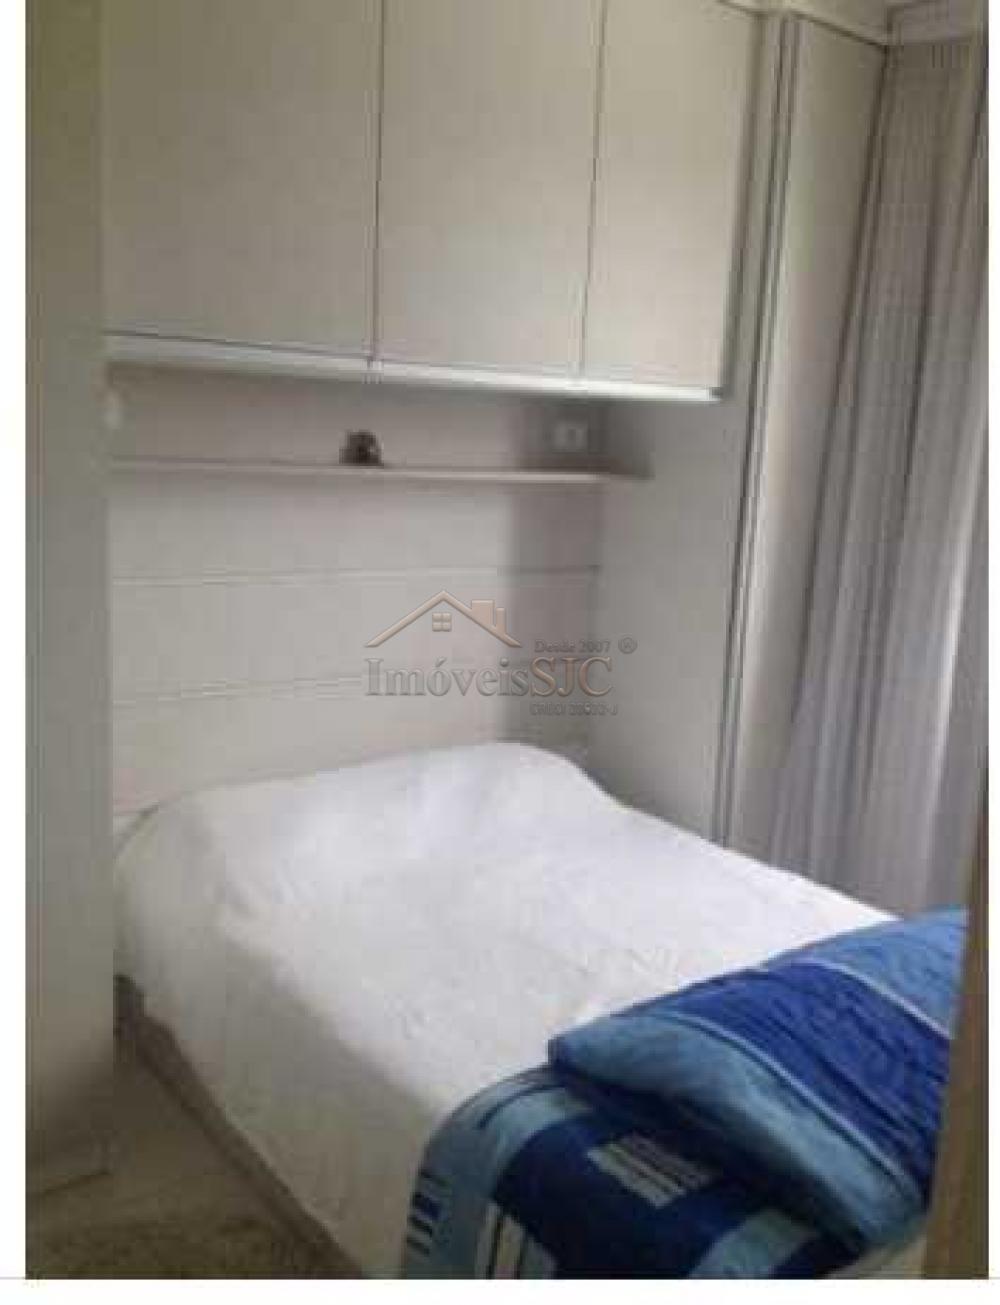 Comprar Apartamentos / Padrão em São José dos Campos apenas R$ 280.000,00 - Foto 3